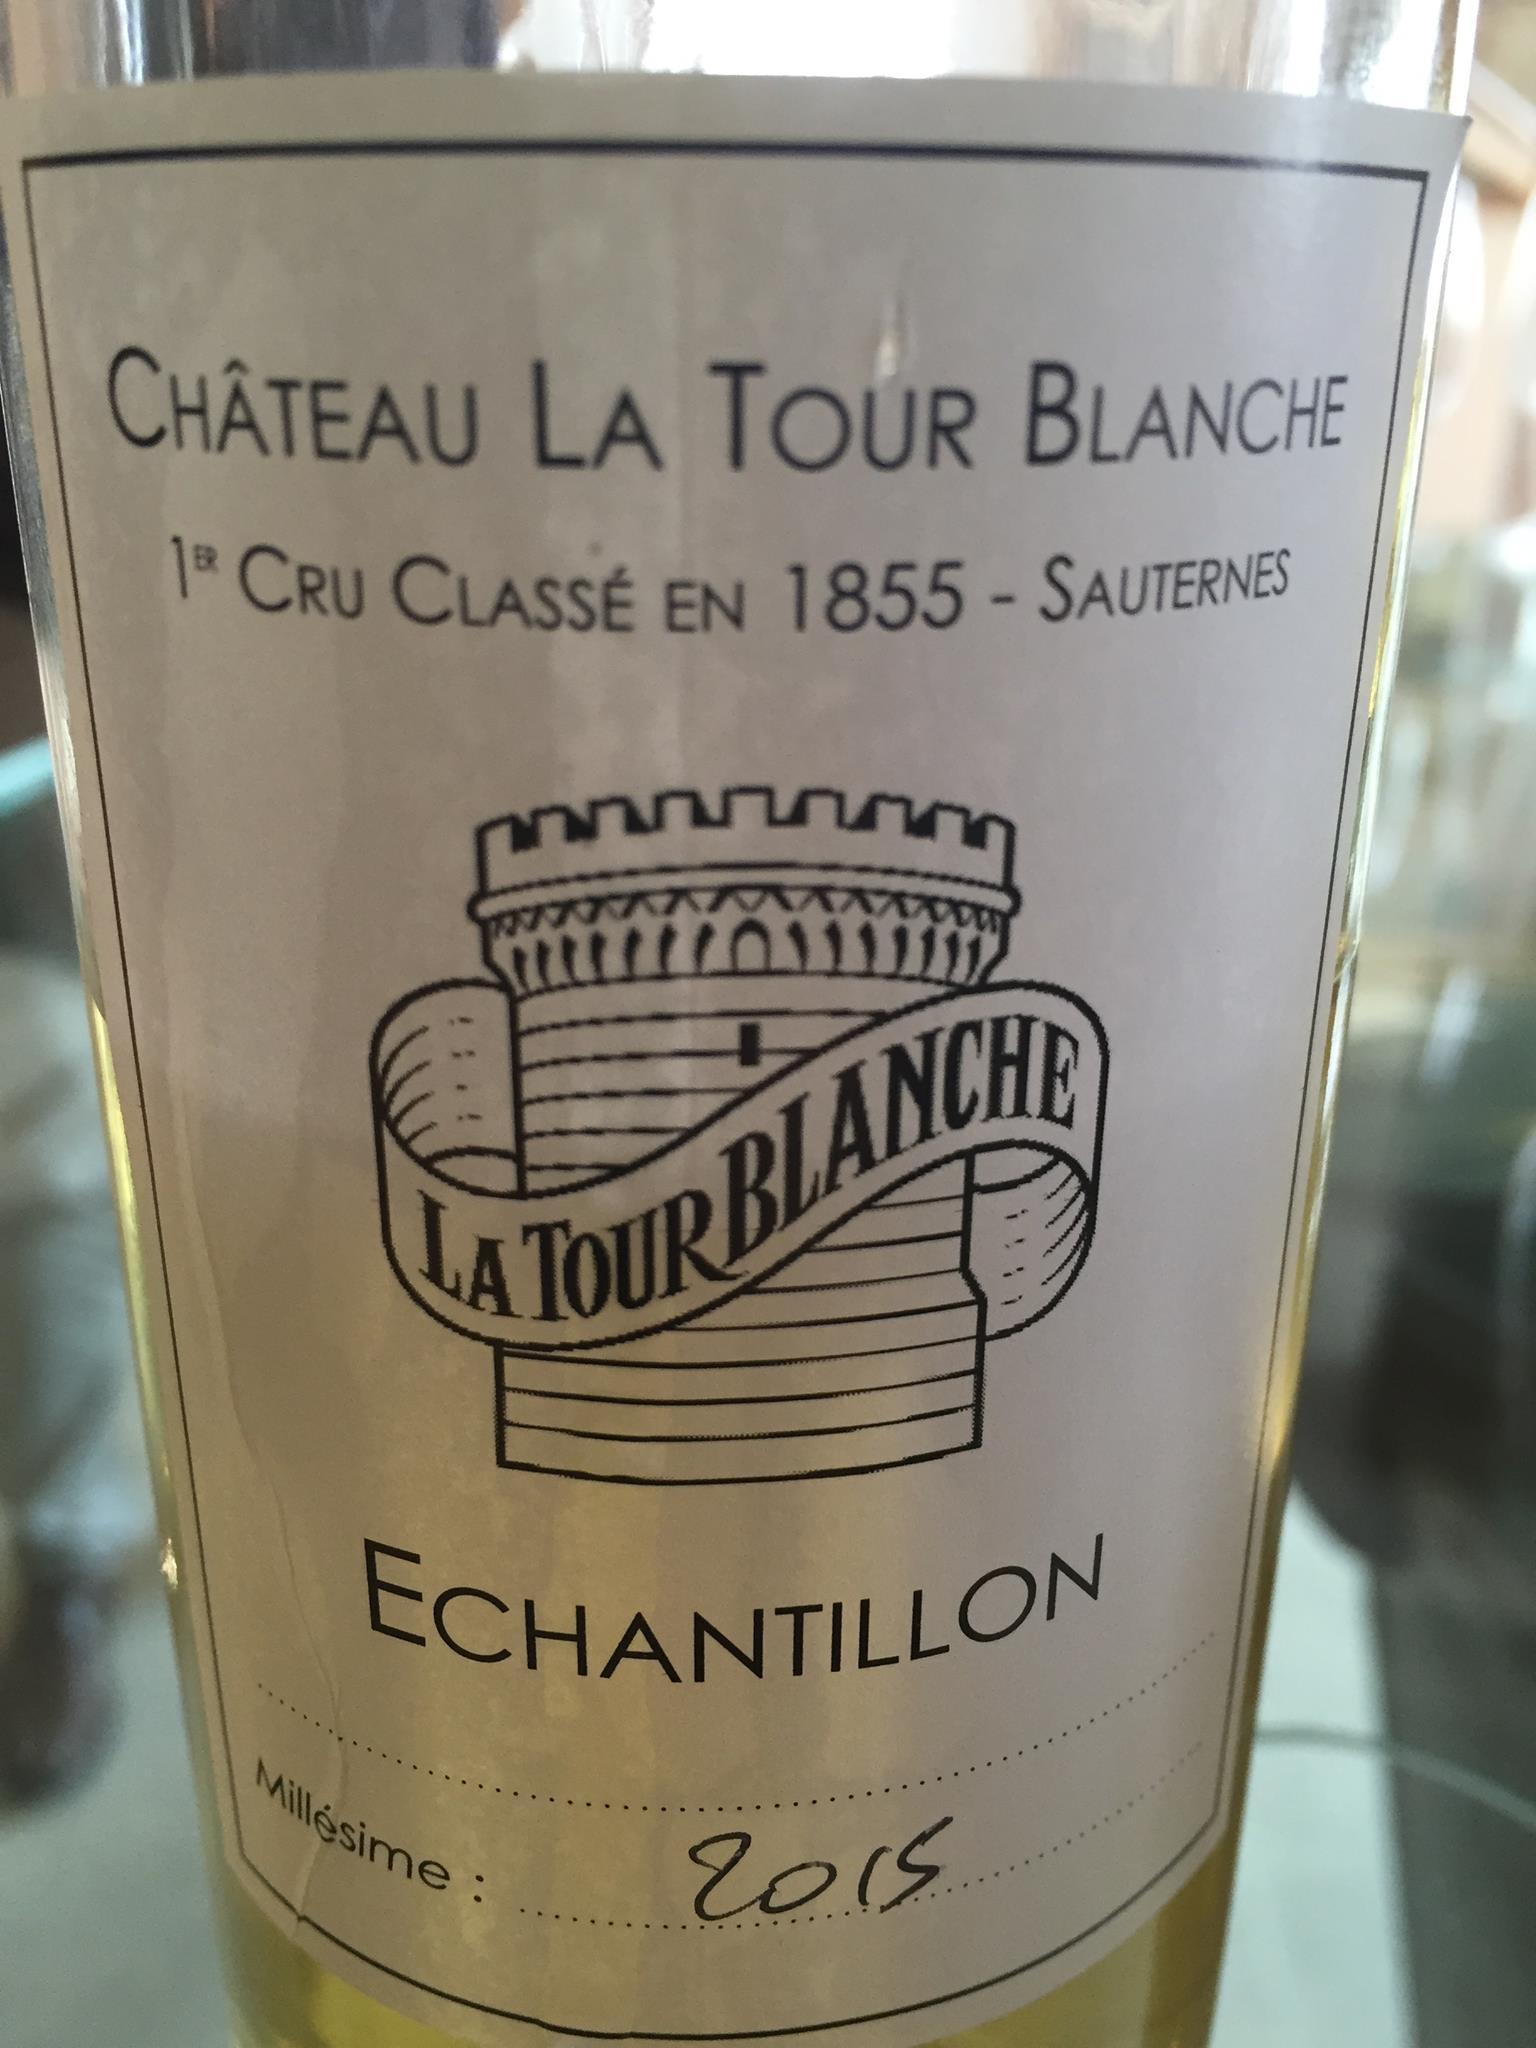 Château La Tour Blanche 2015 – Sauternes, 1er Grand Cru Classé